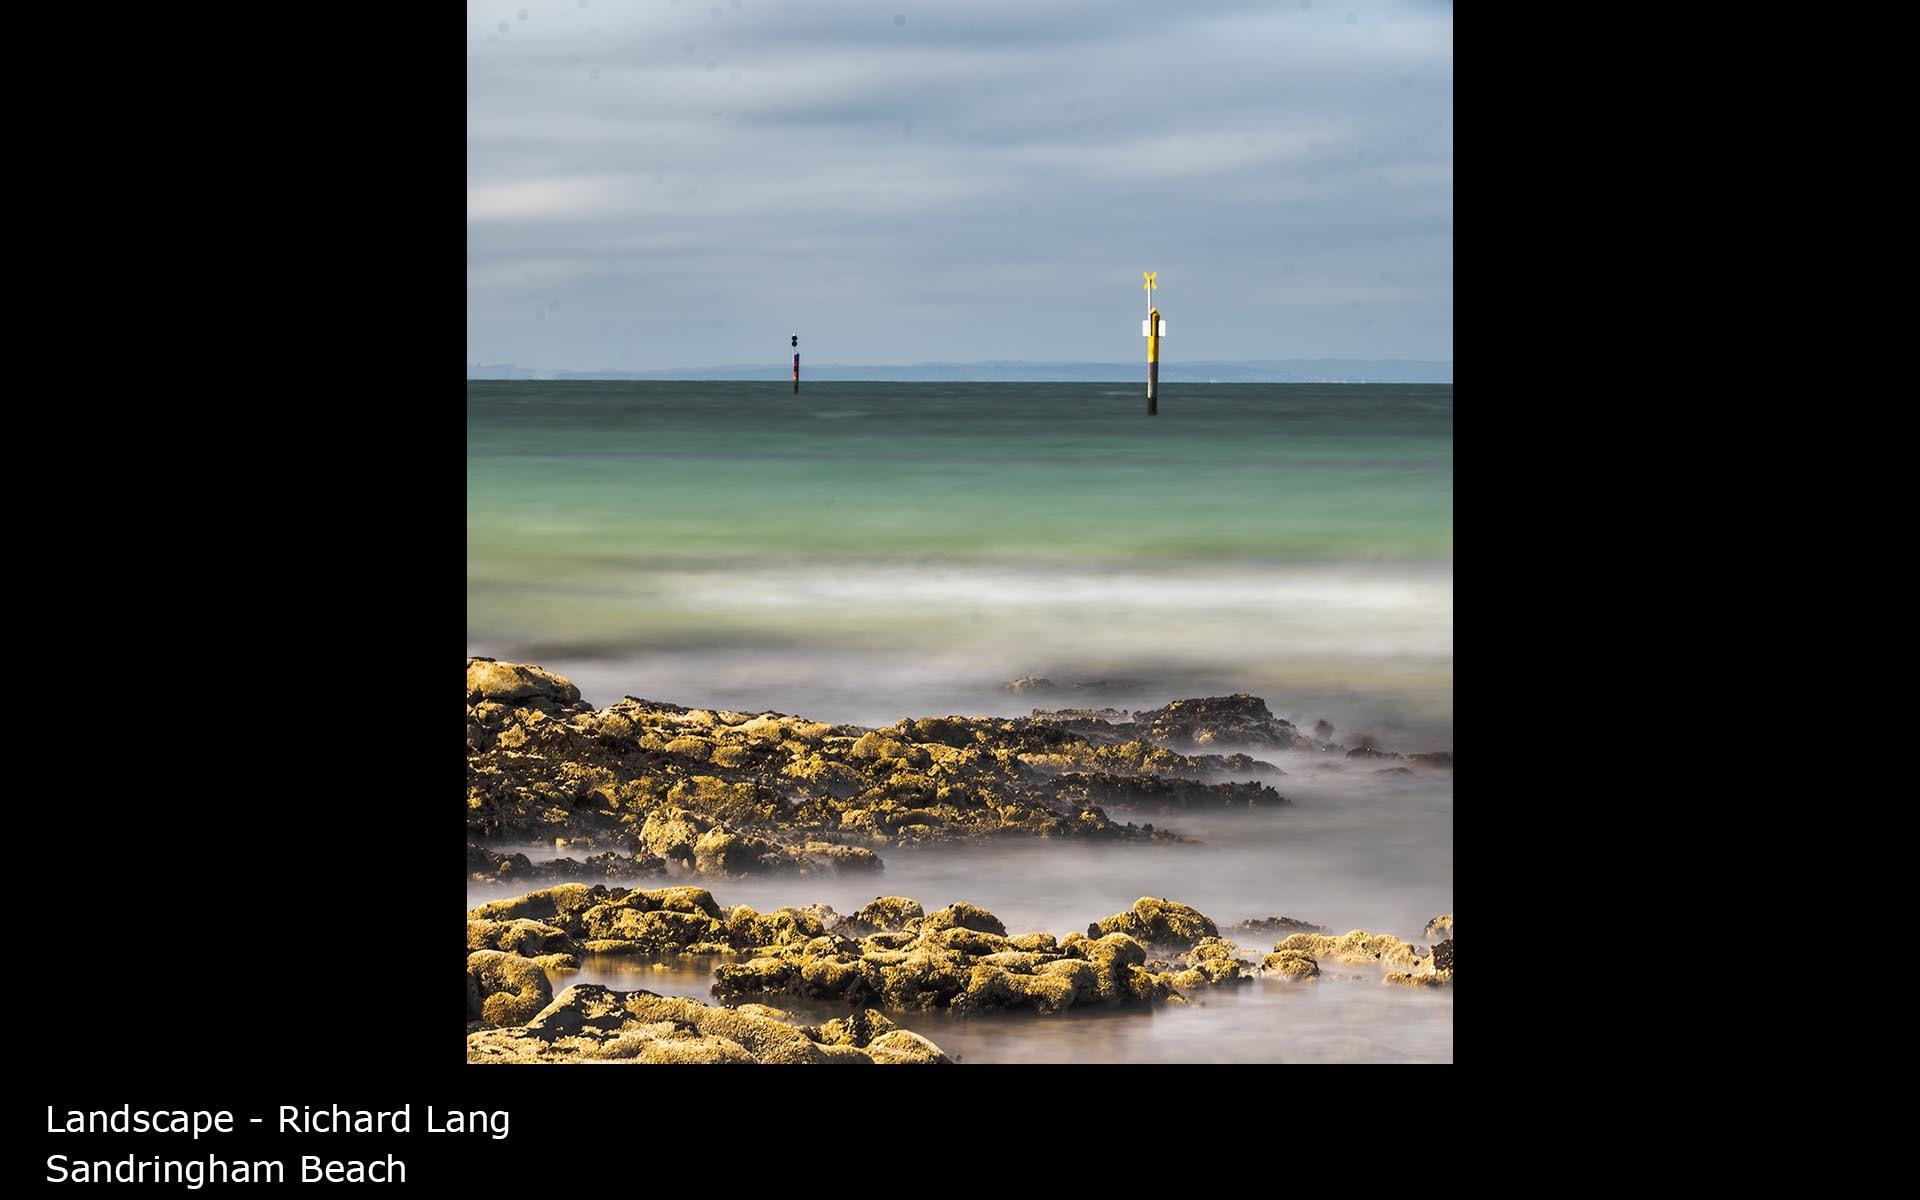 Sandringham Beach - Richard Lang